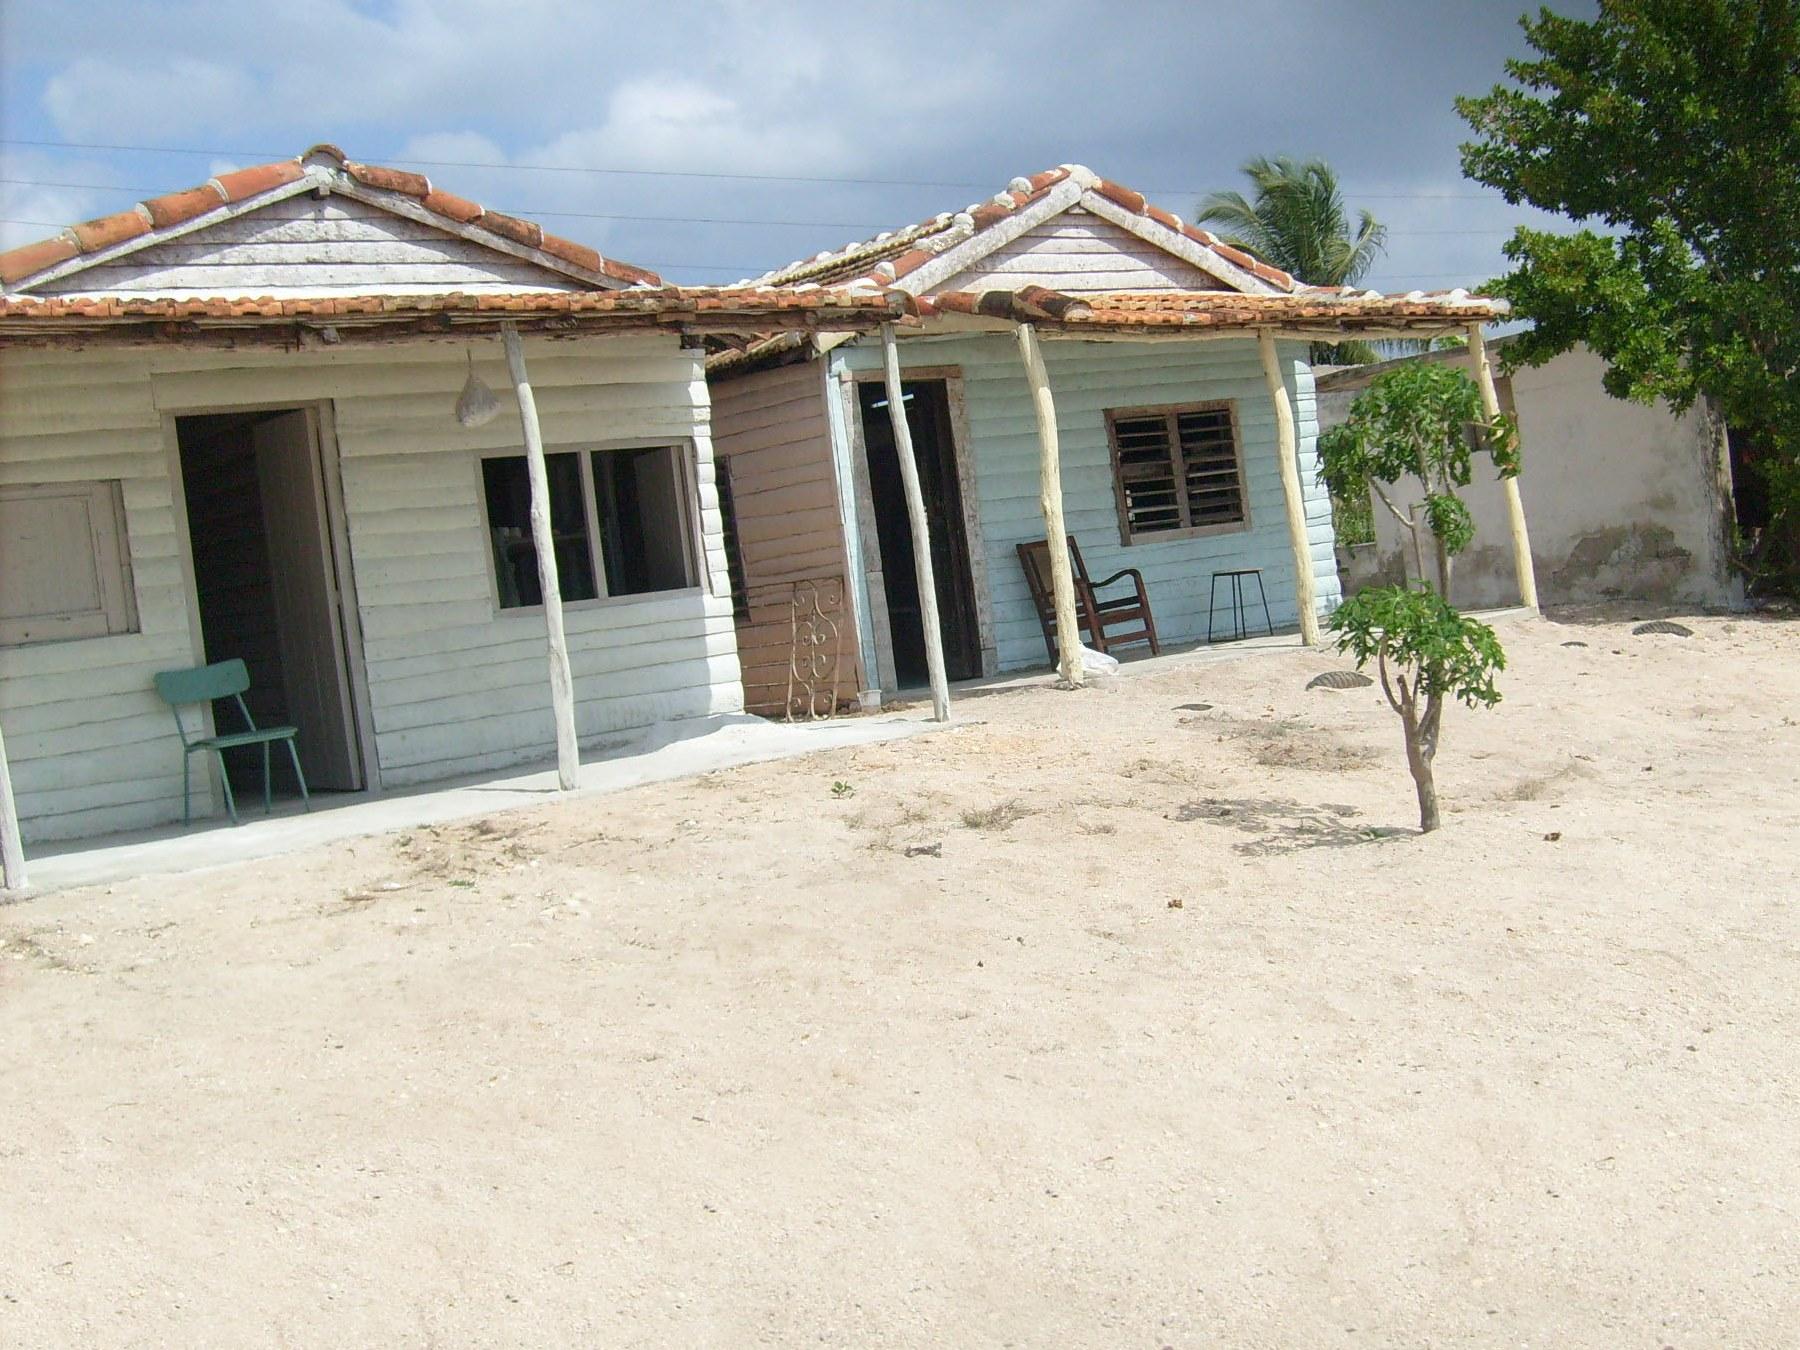 Archivo casas cl sicas de la playa wikipedia la enciclopedia libre - Casas clasicas ...